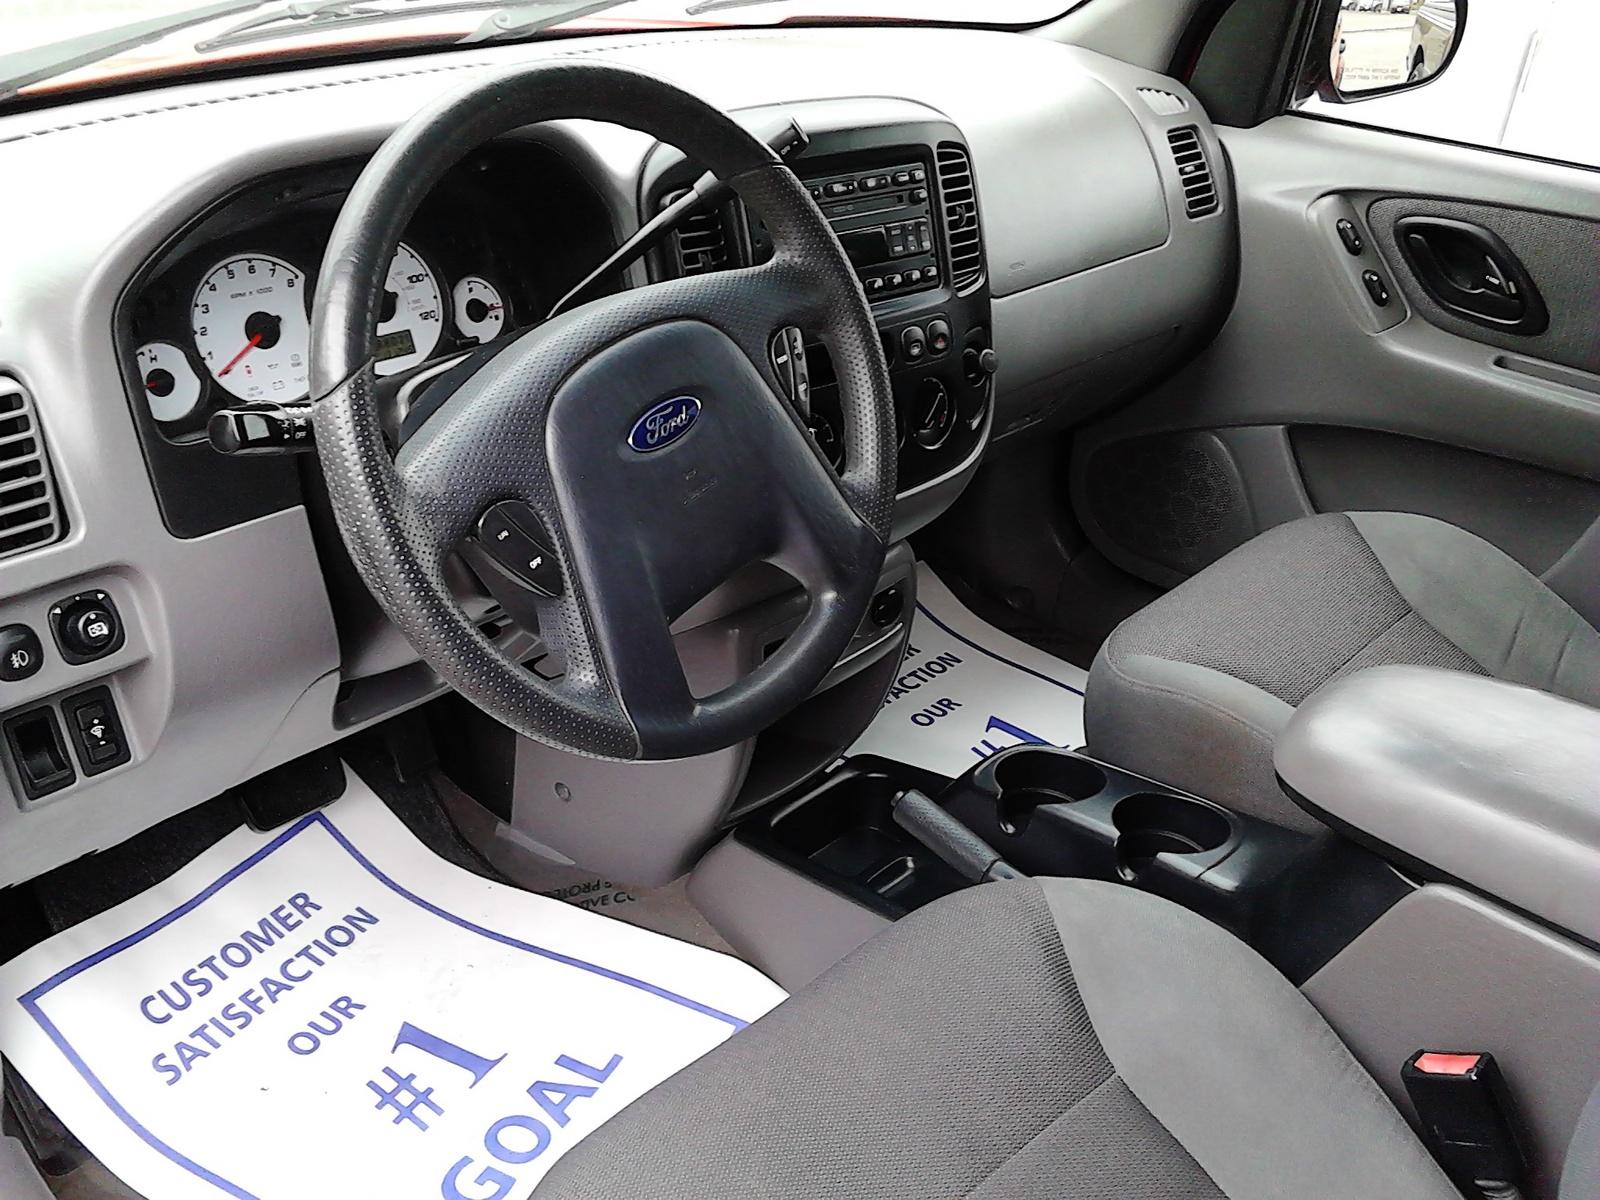 2002 Ford Escape Interior Dimensions